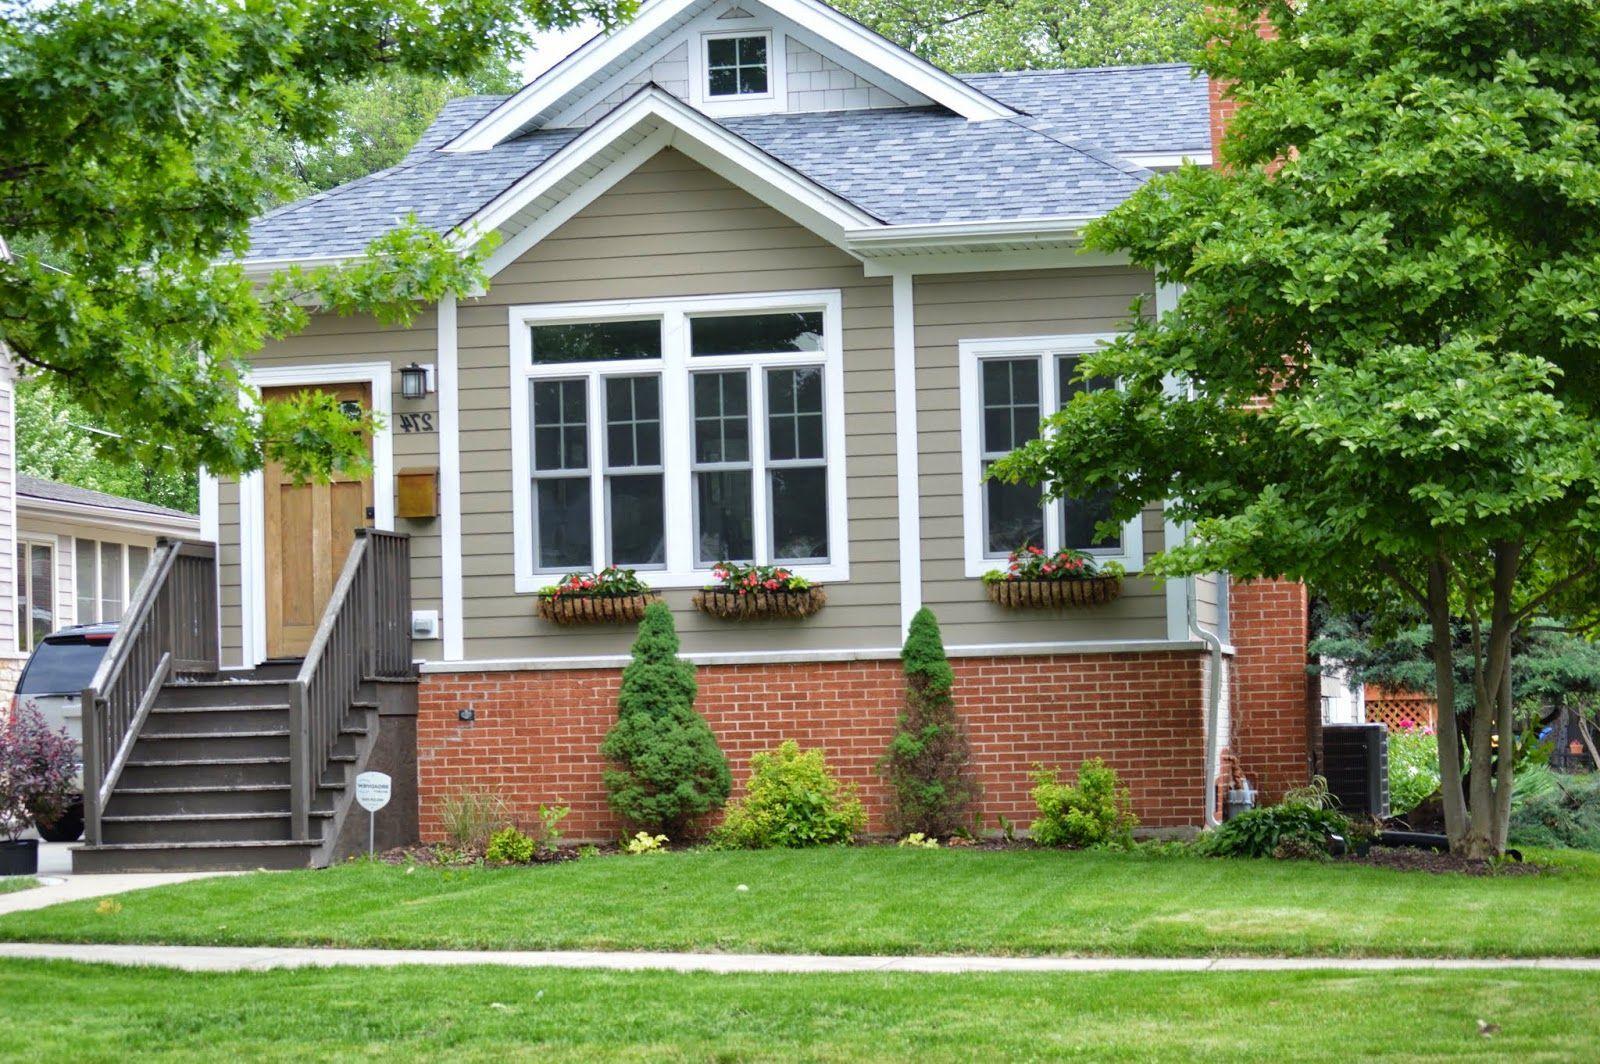 40 Best Exterior Paint Color Ideas For Your House Red Brick House Exterior Paint Colors For House Red Brick Exteriors